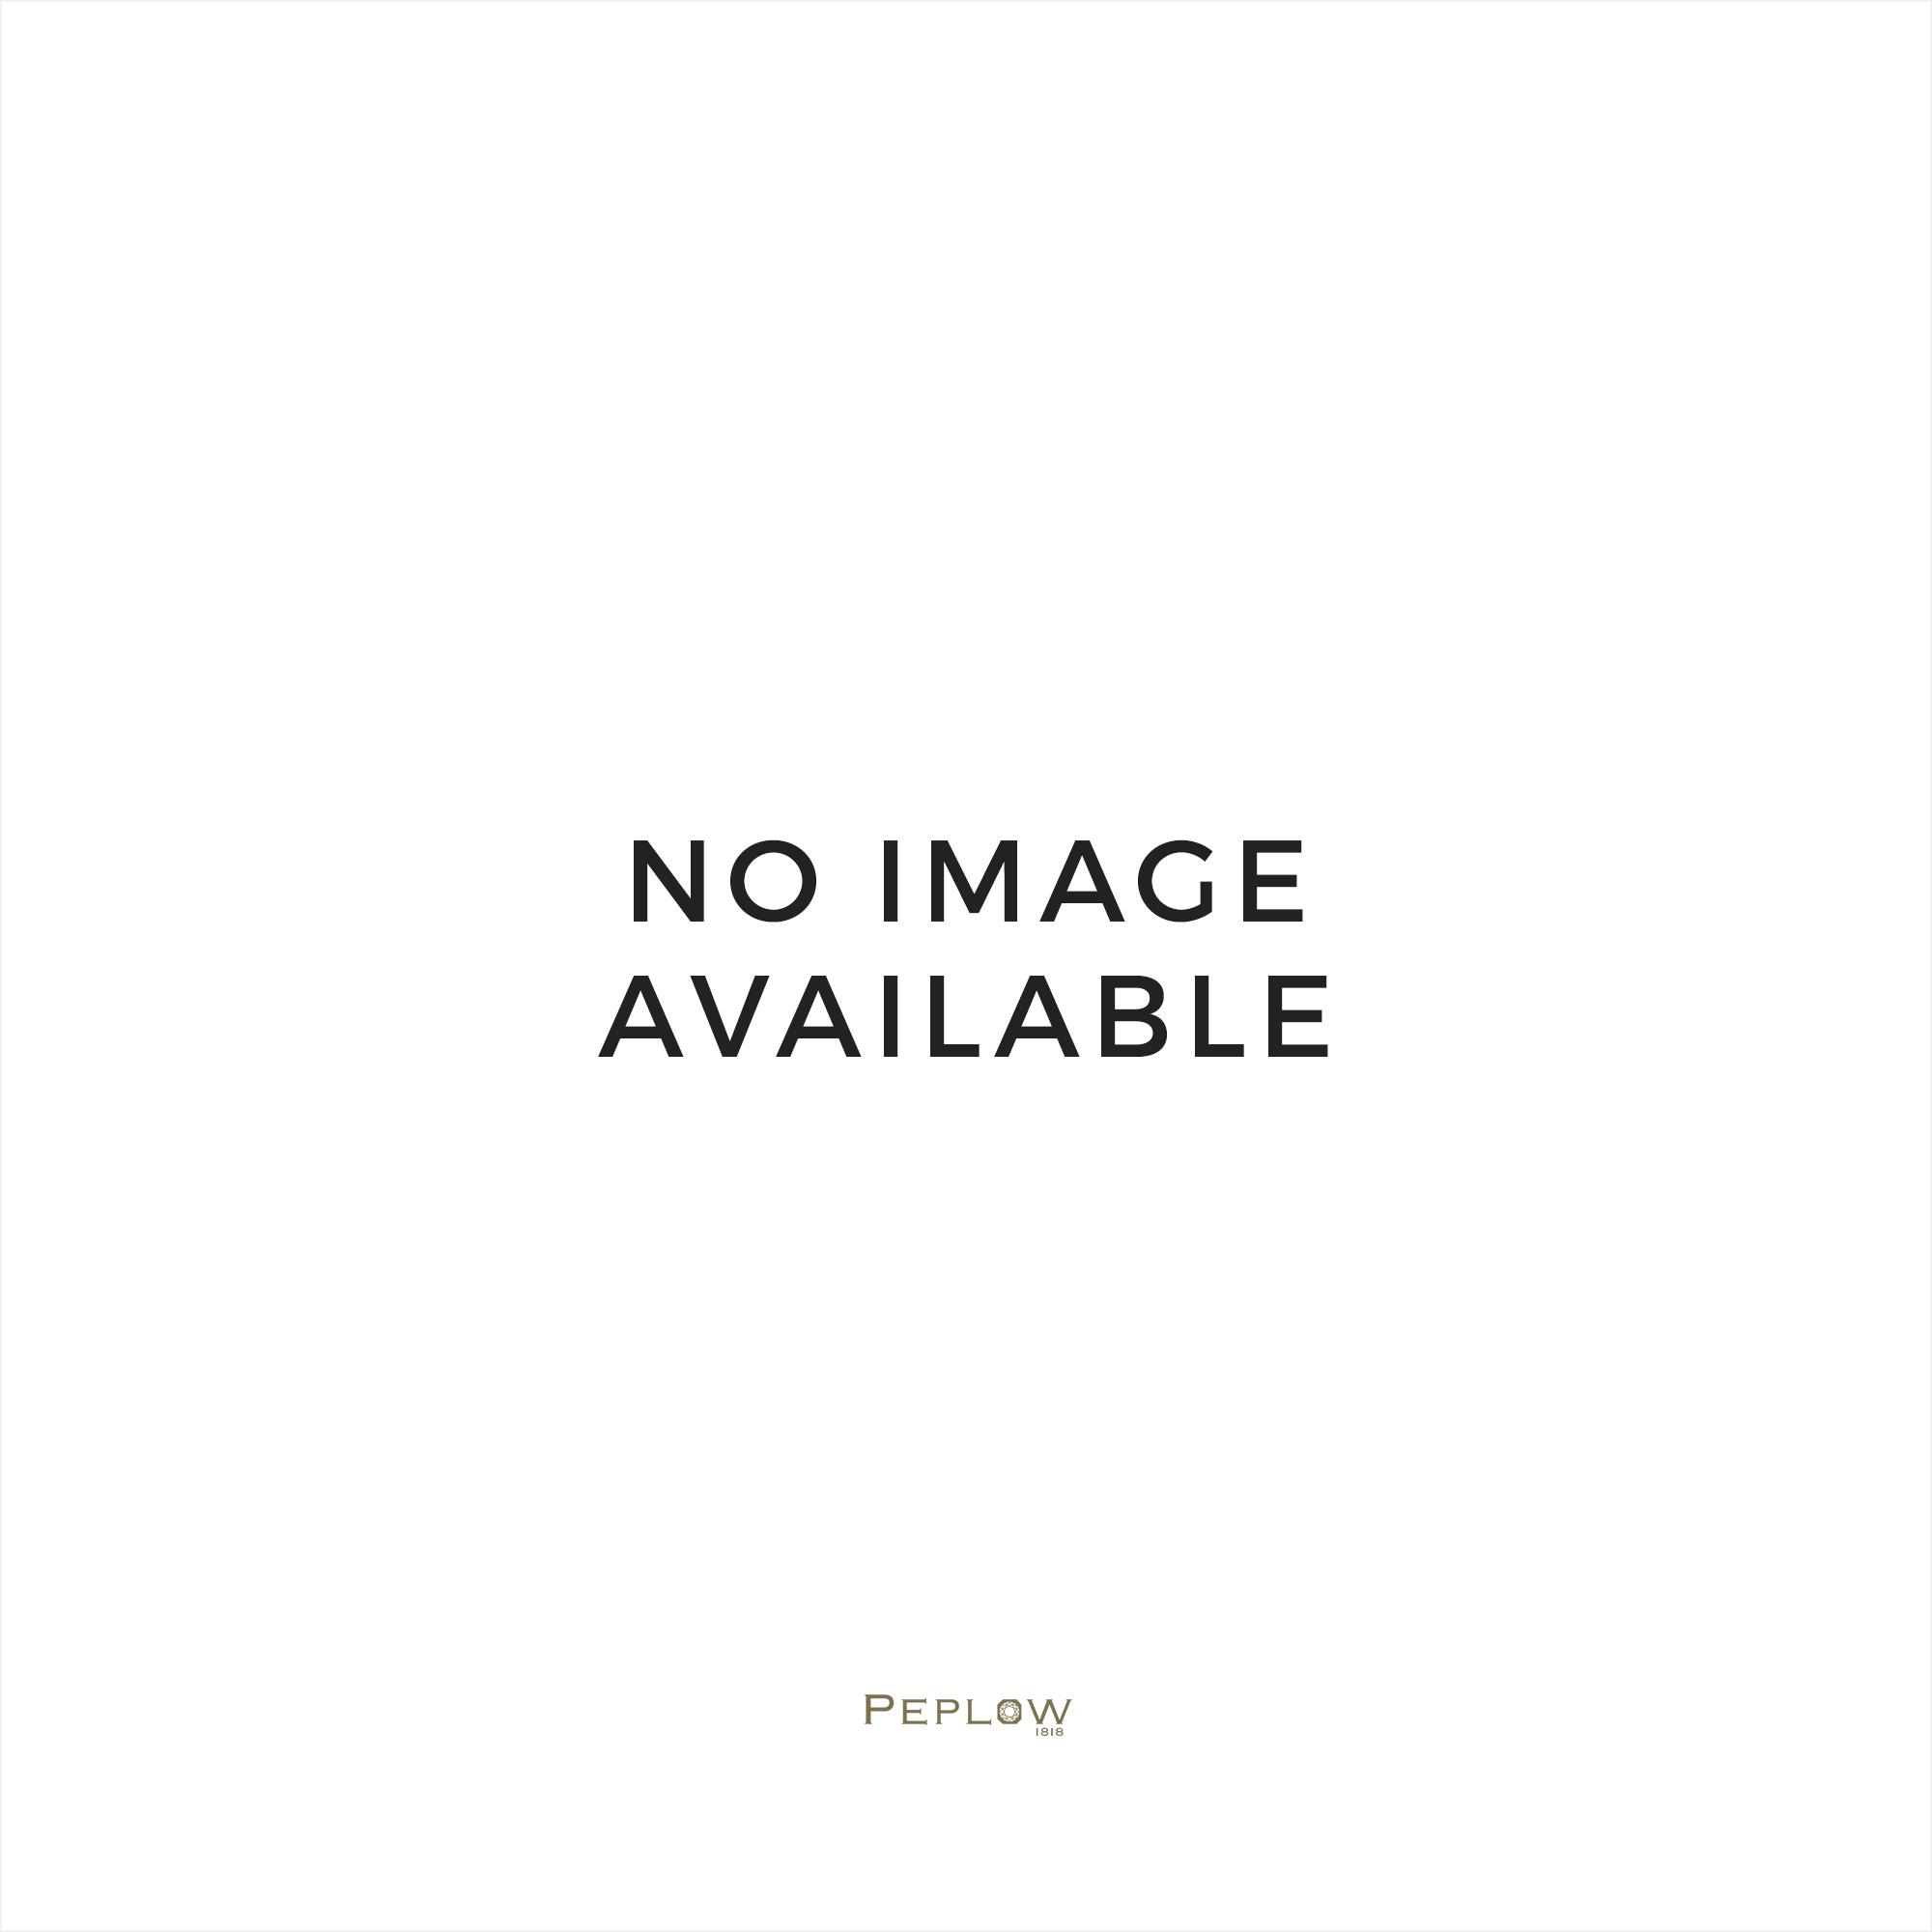 Citizen Watches mens stainless steel quartz strap